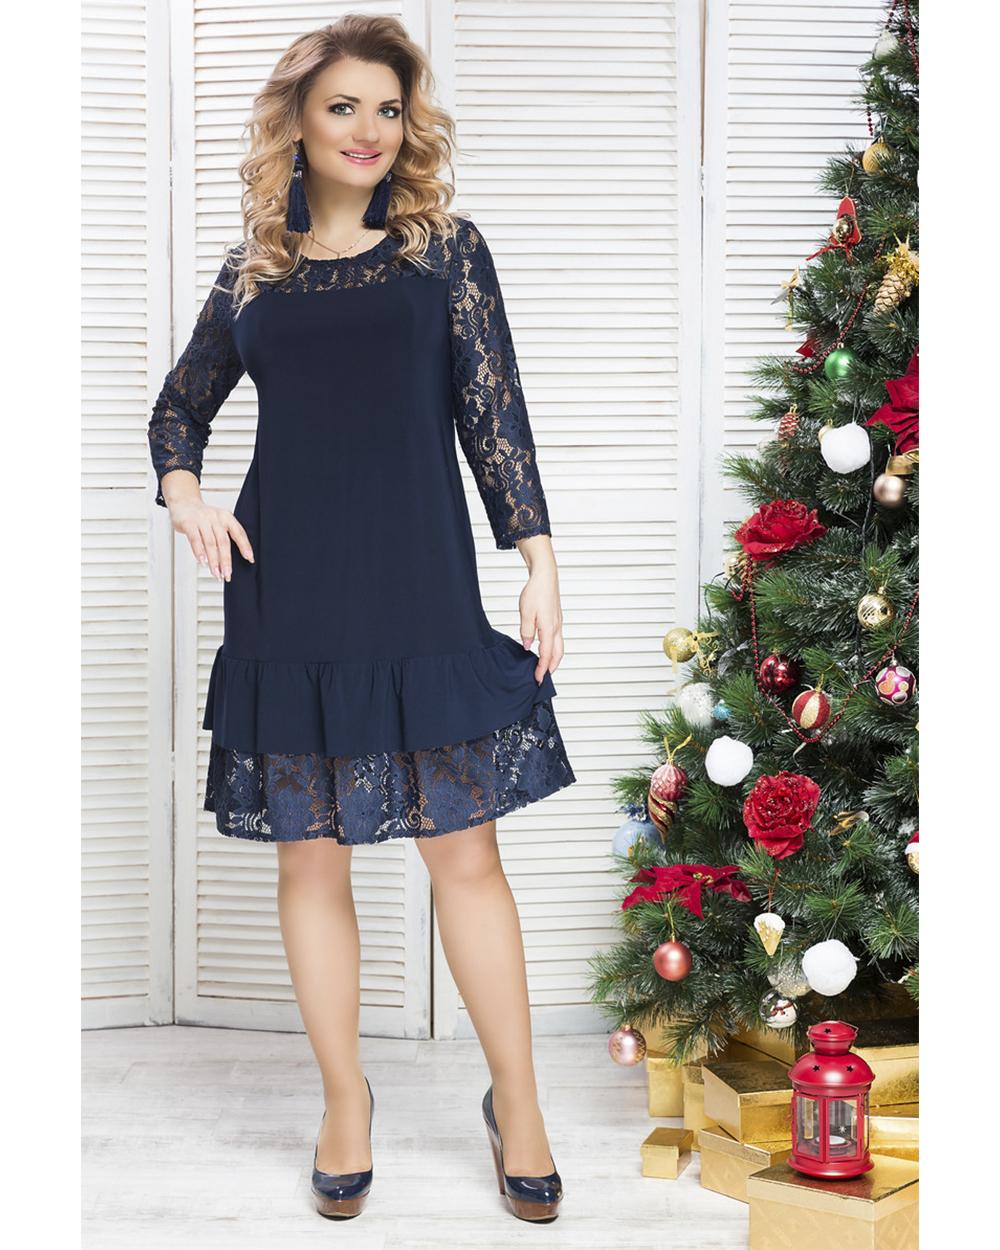 Где В Новосибирске Можно Купить Платье